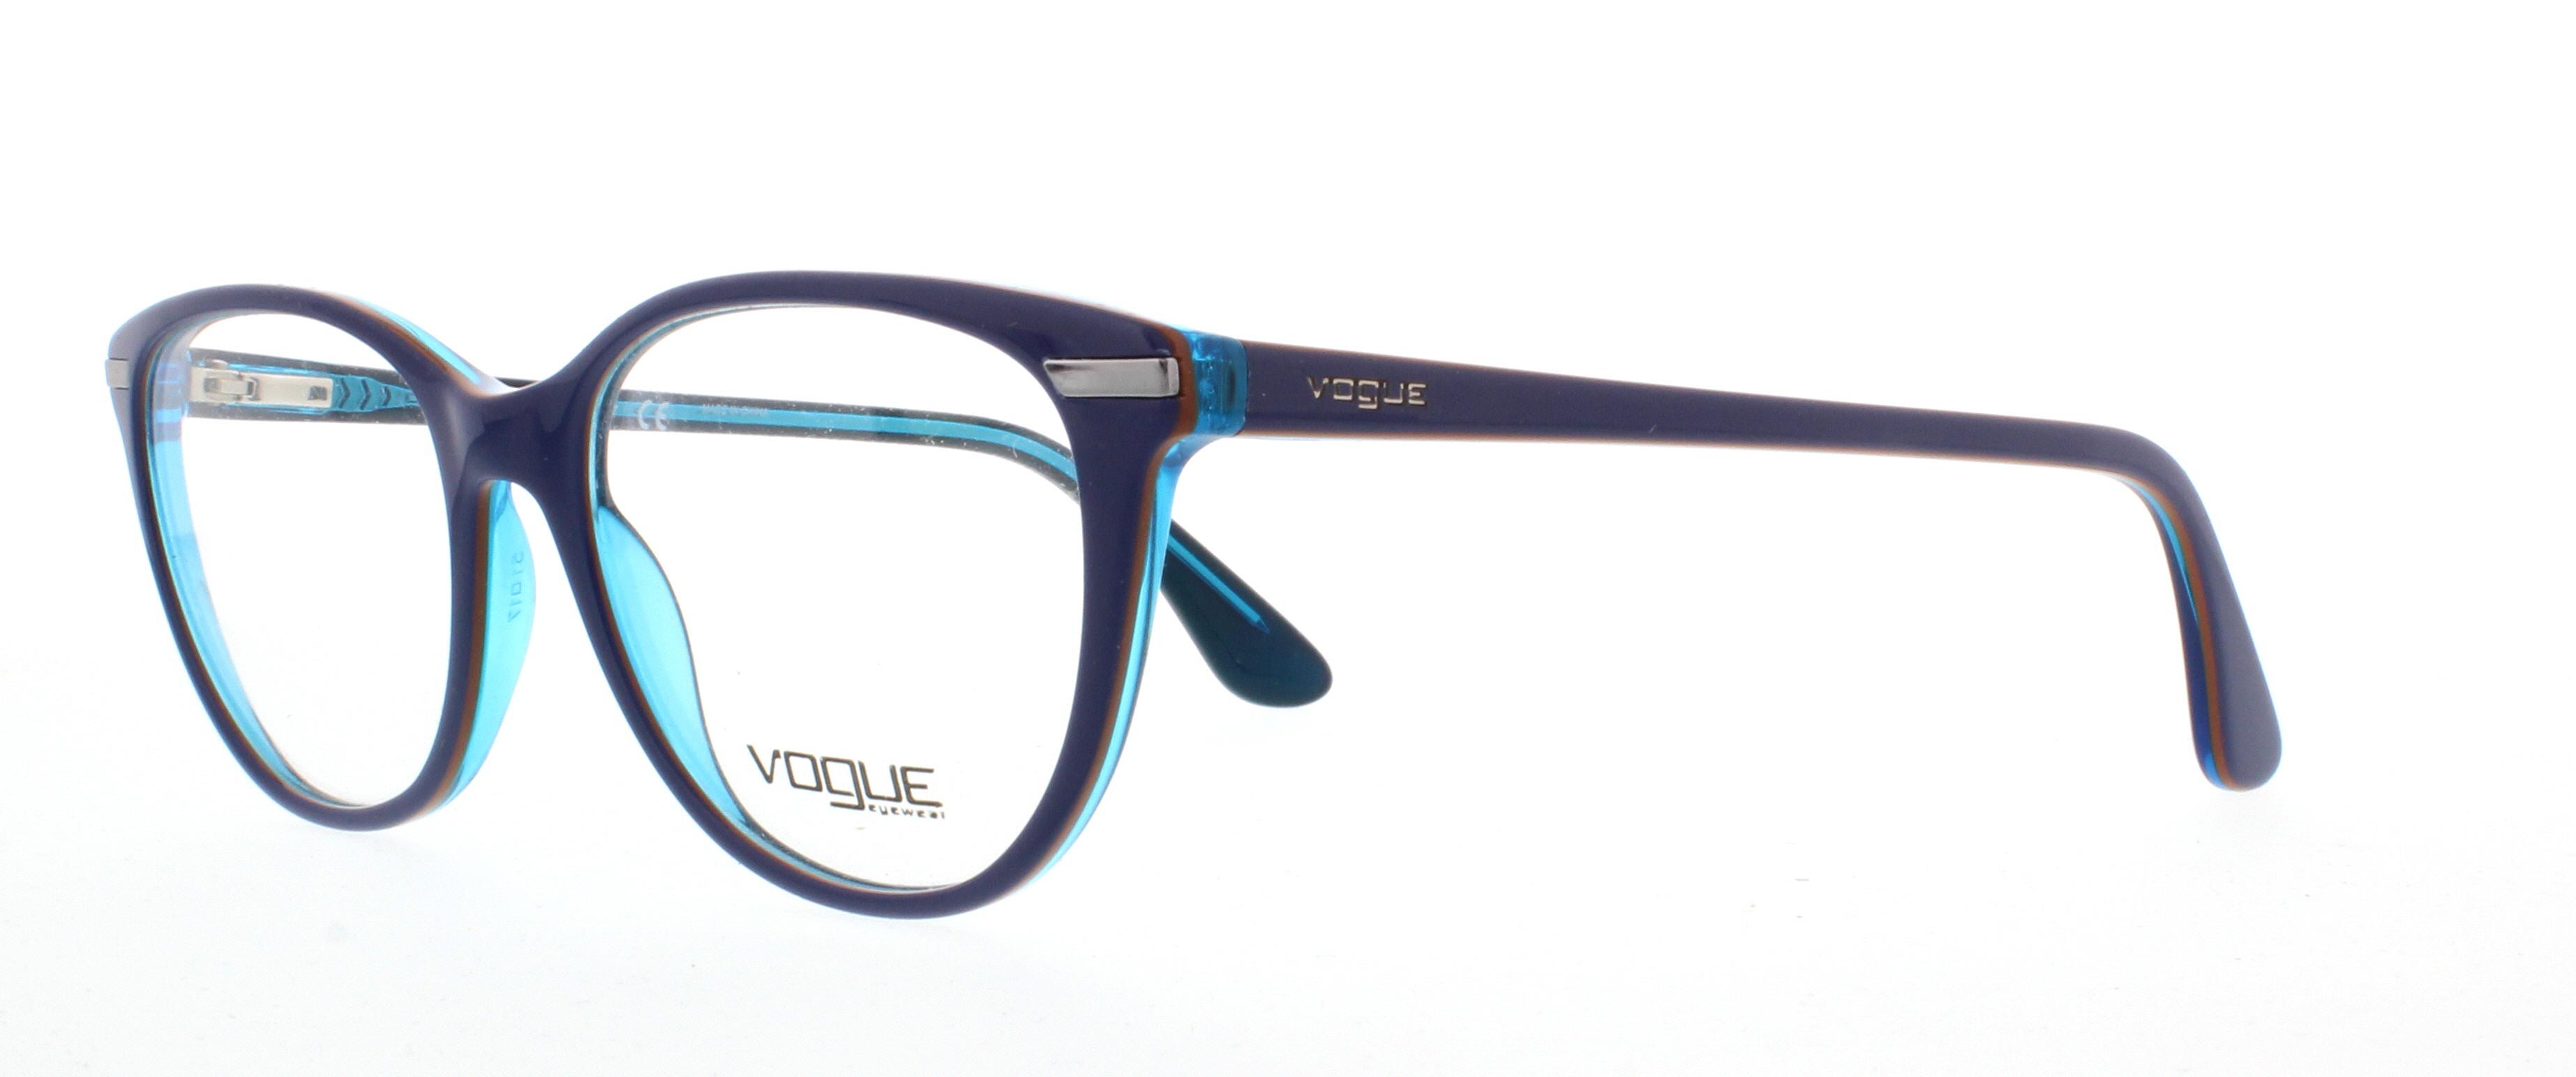 9ea5c052a20 Designer Frames Outlet. Vogue VO2937